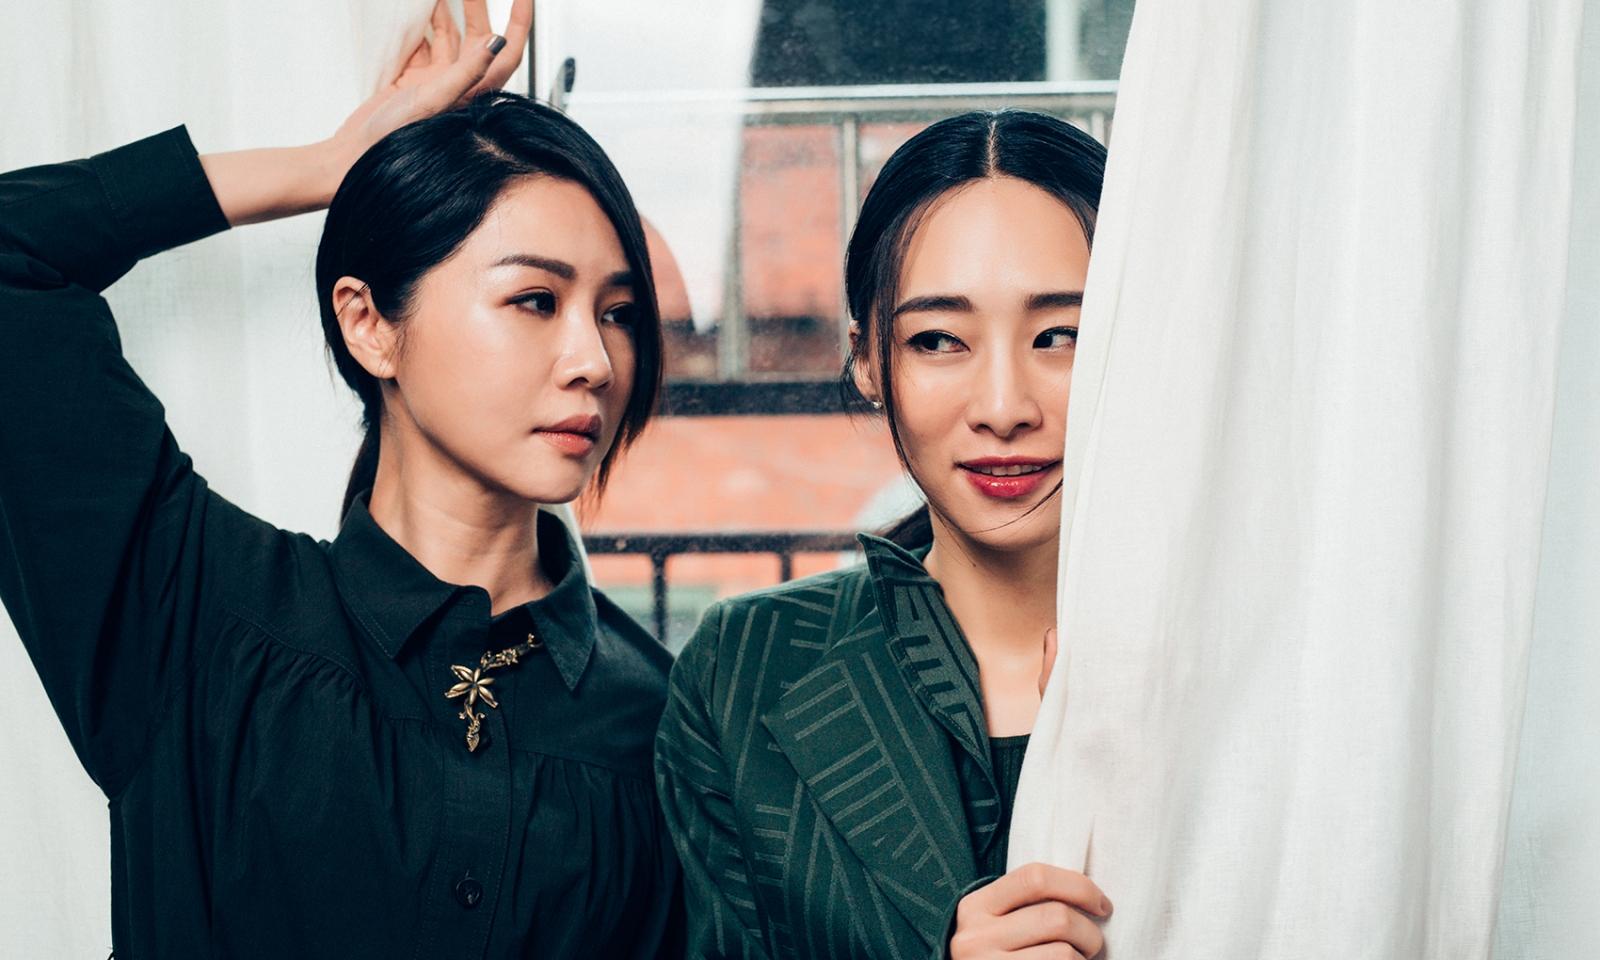 梅姨與女演員|謝盈萱 ╳ 吳可熙:你知道自己最難看的樣子嗎?